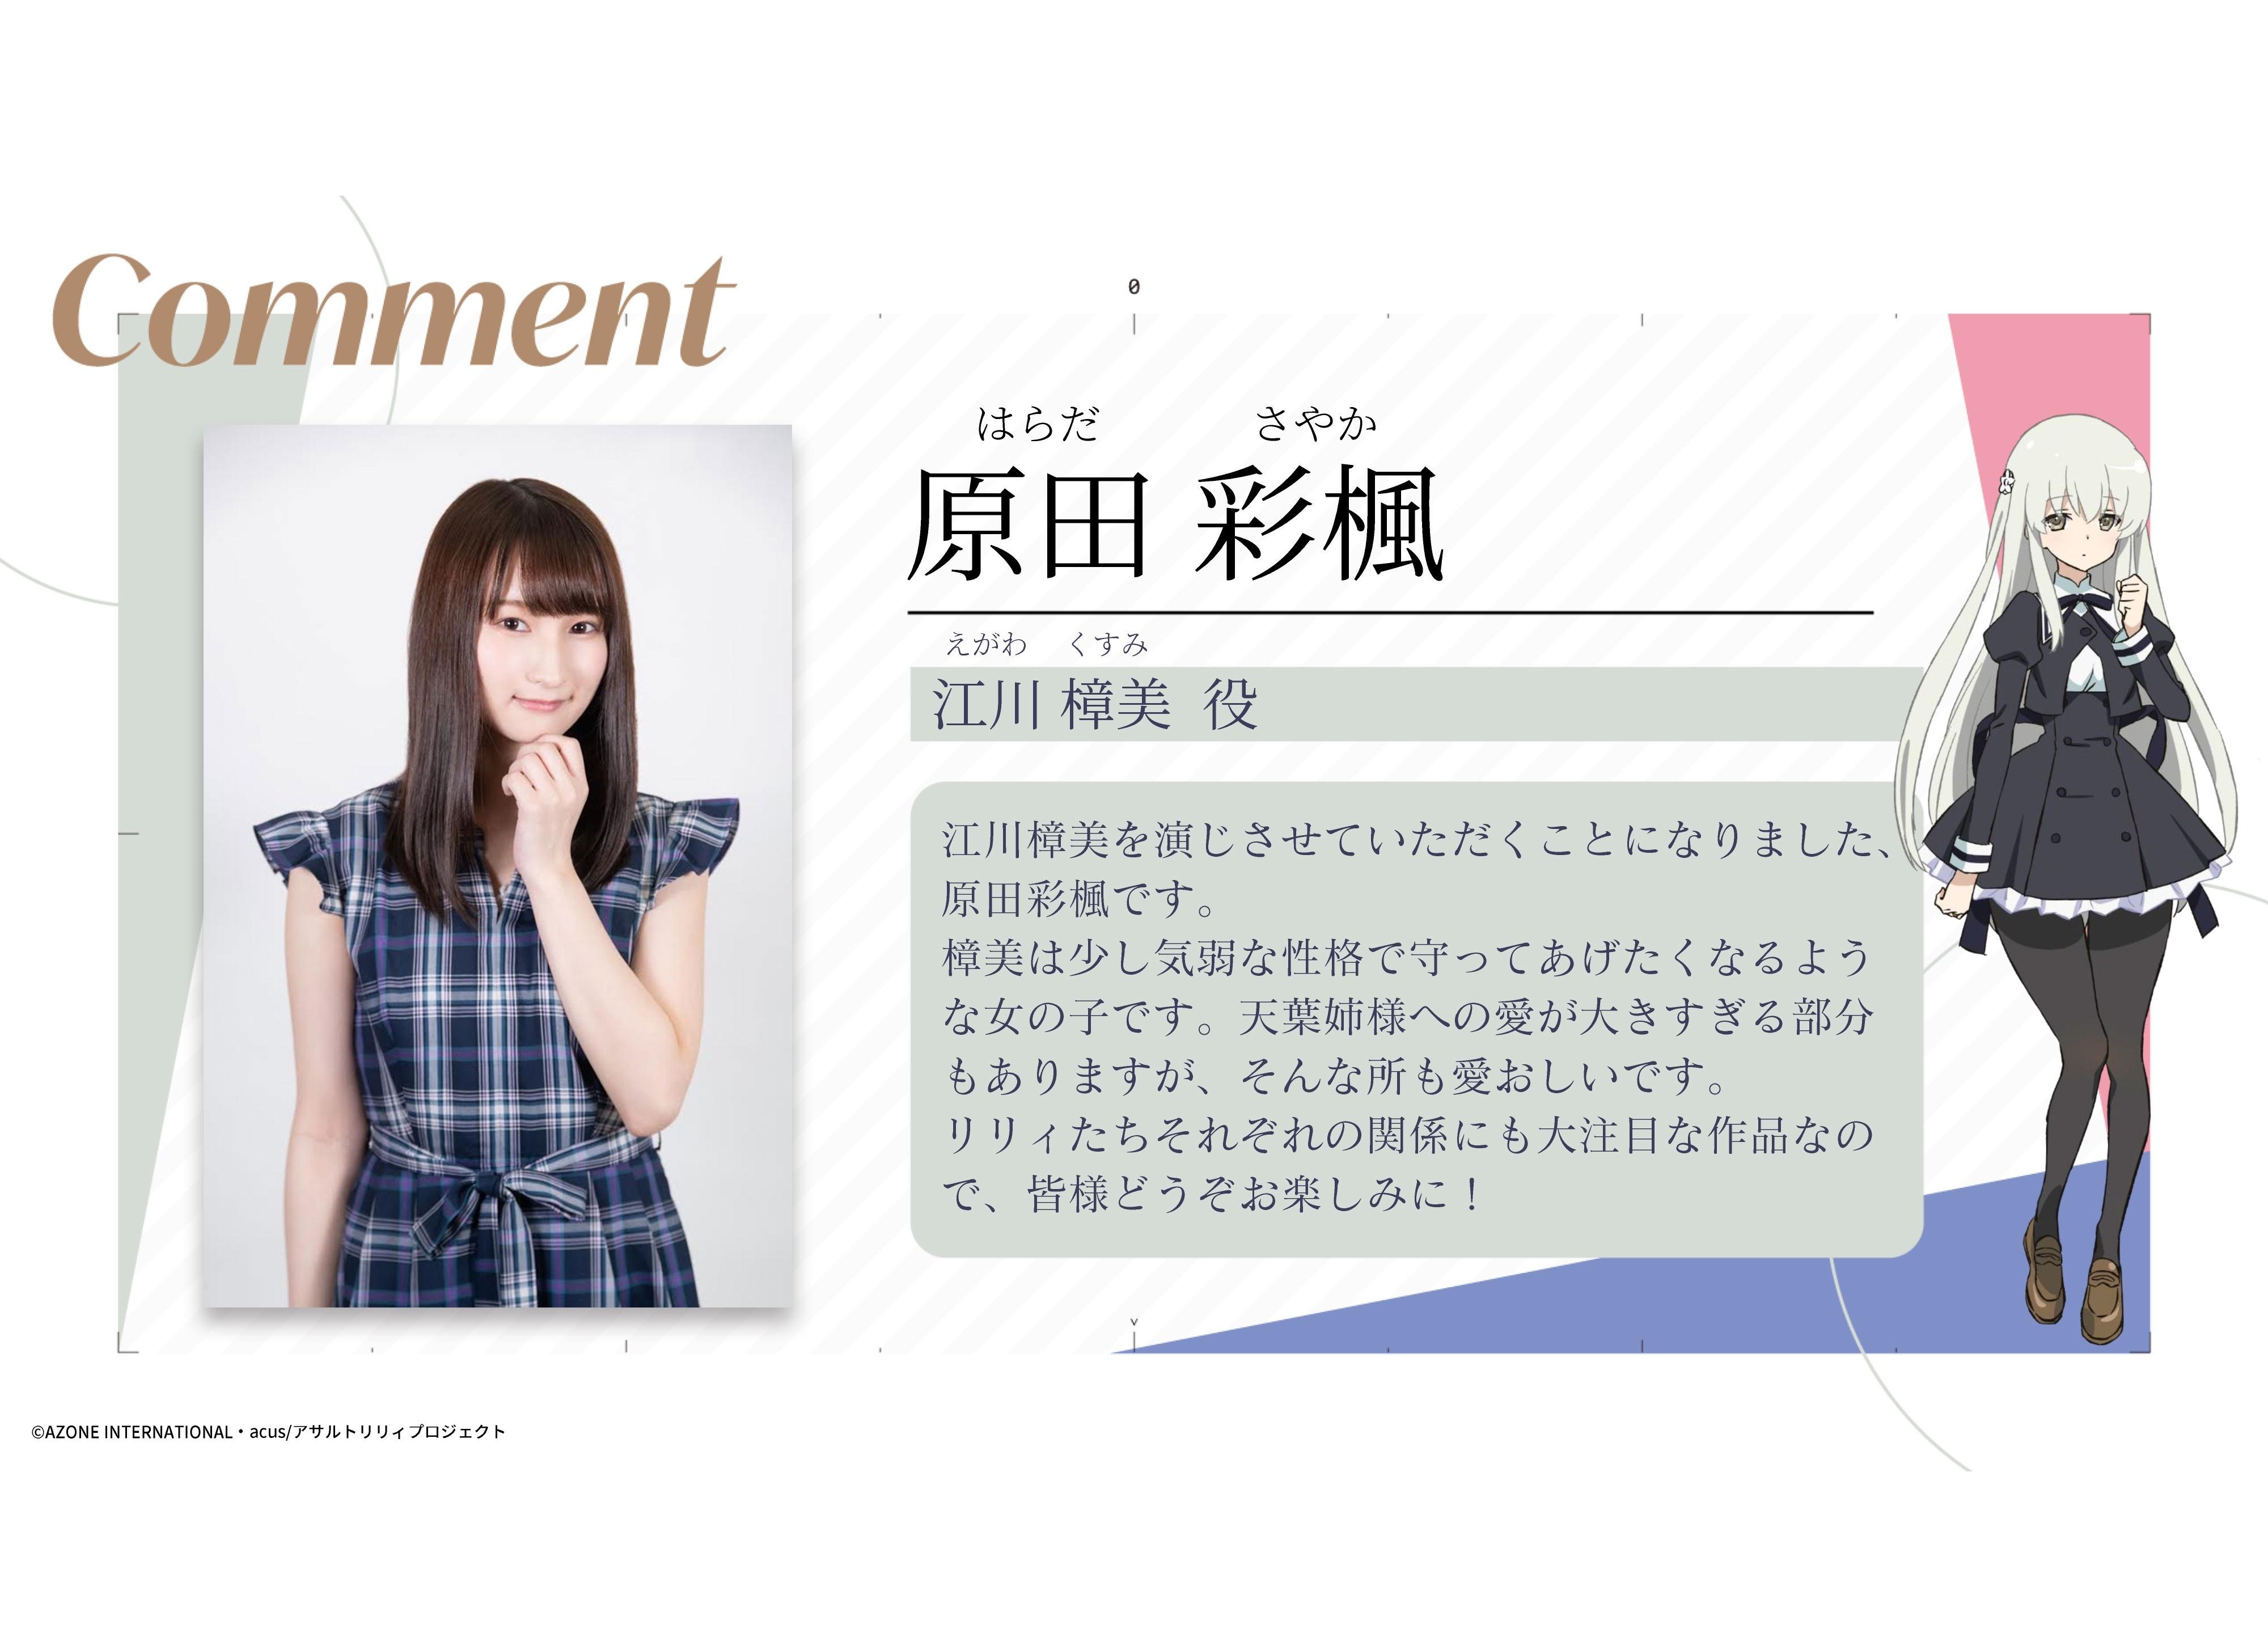 秋アニメ『アサルトリリィ』新キャラ・江川樟美 役は原田彩楓に決定